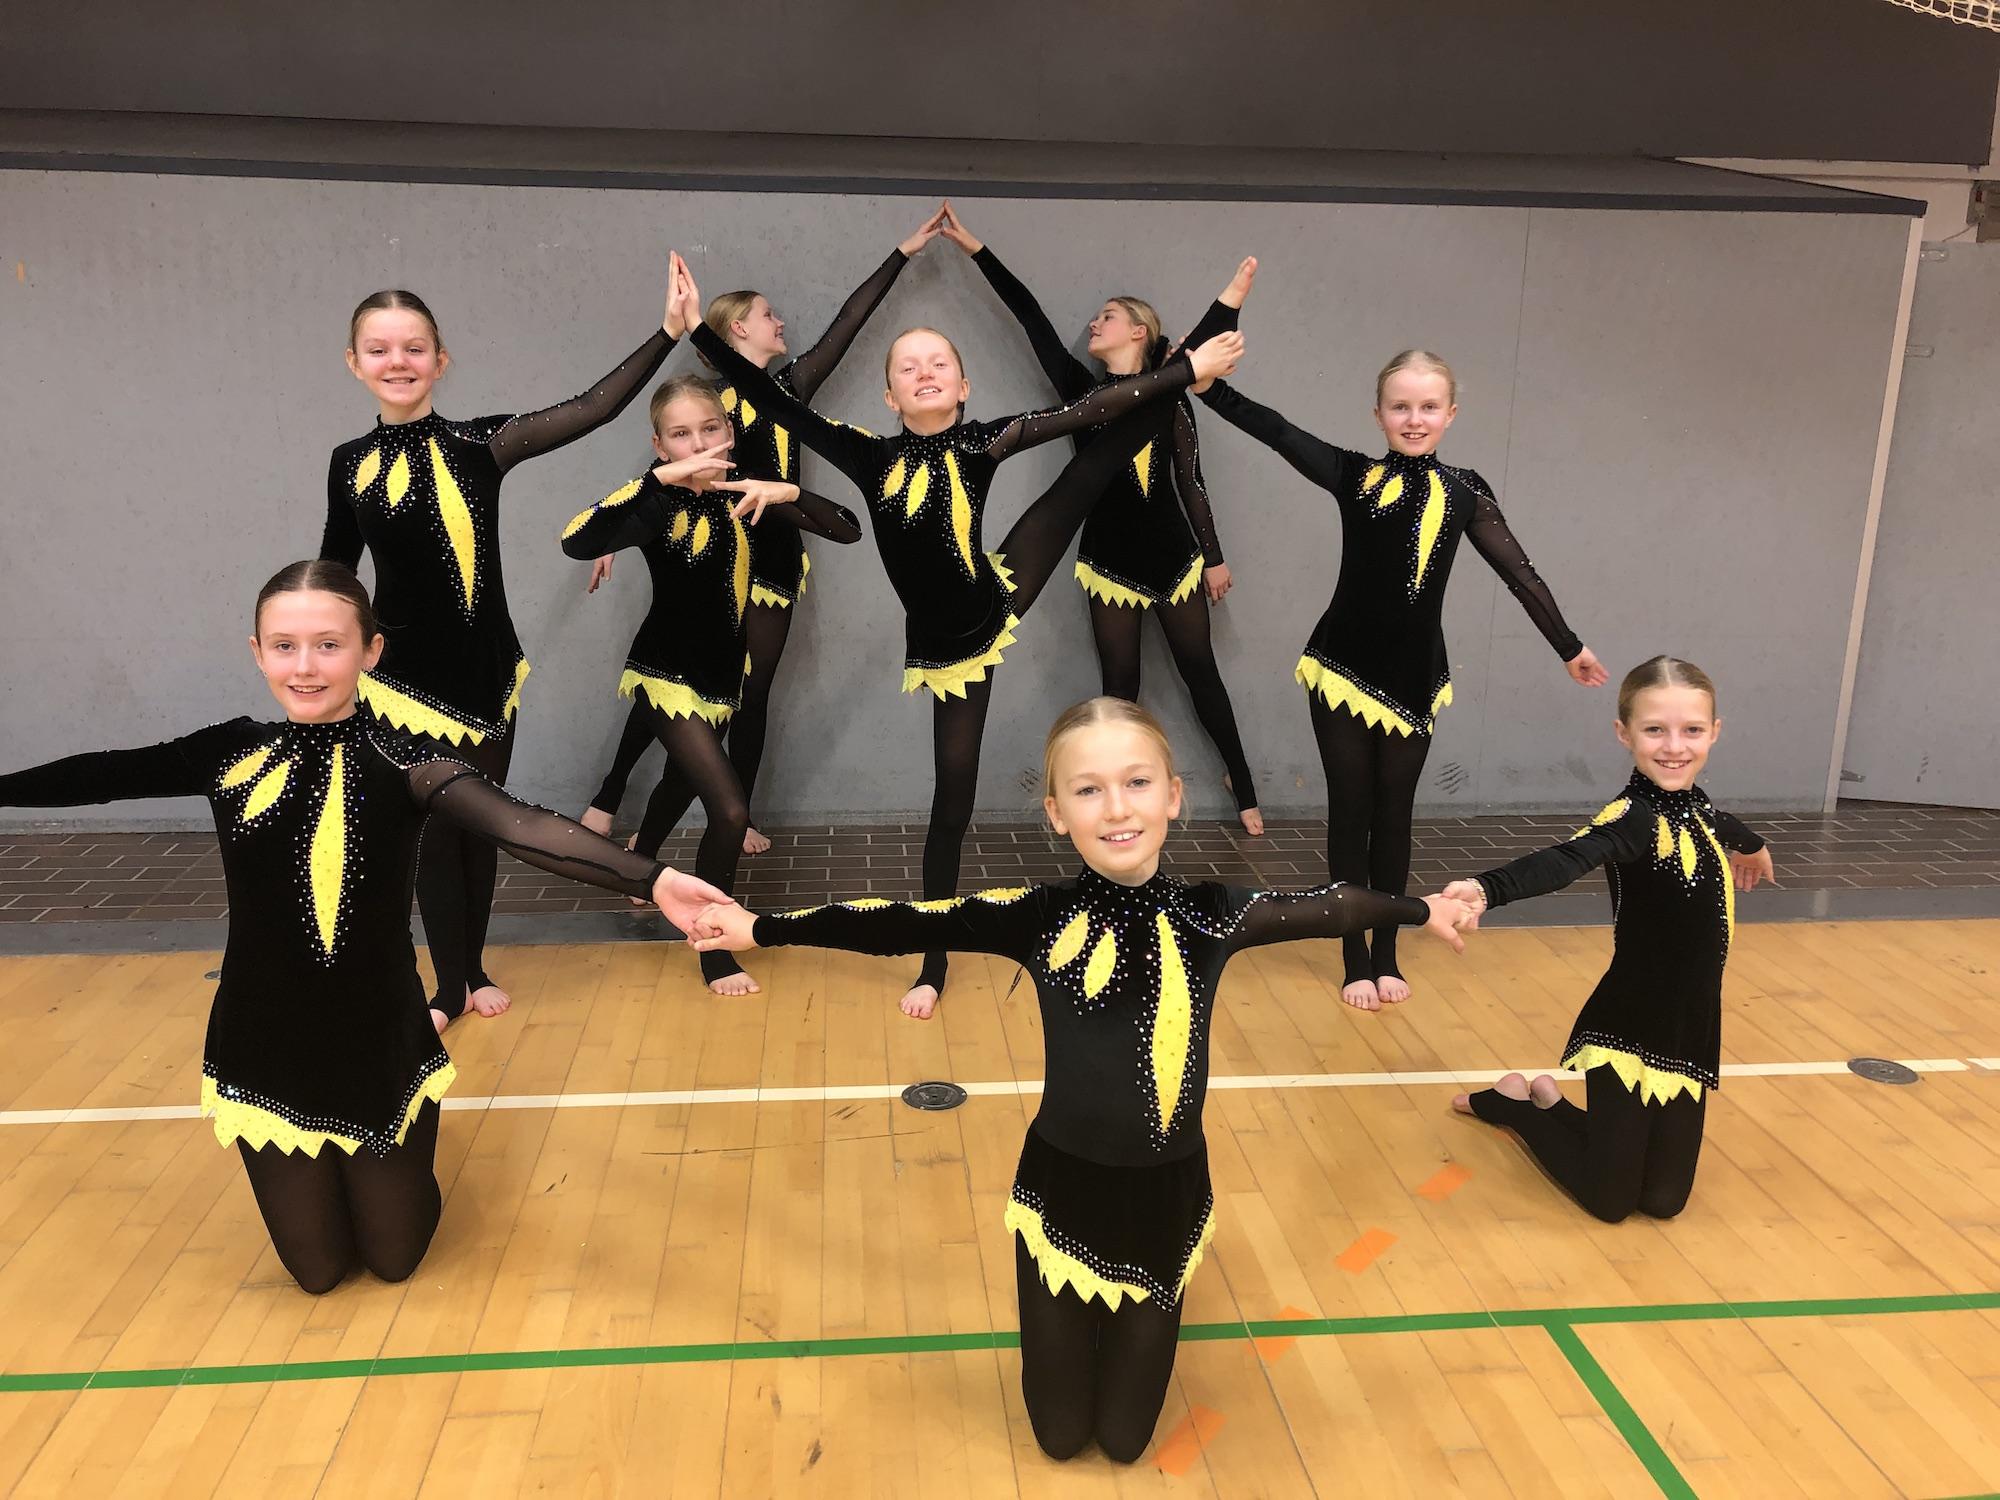 Rhythmic Gymnastics Leotards for Sofie's team from Denmark